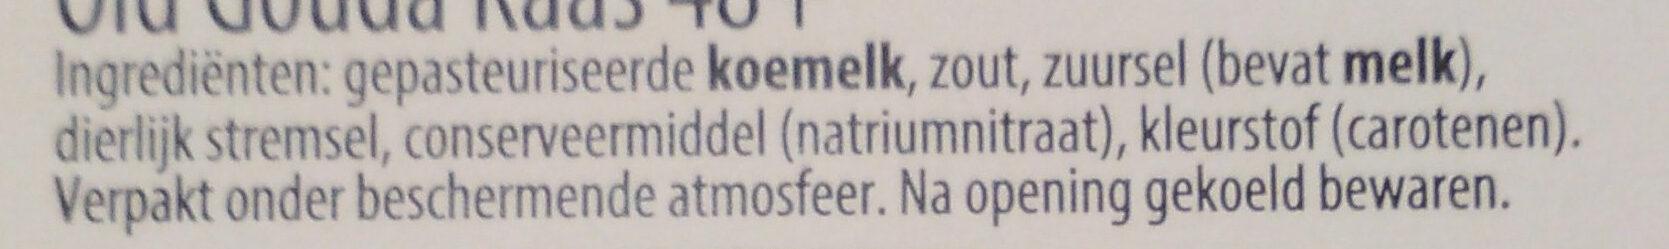 Old Gouda Extra Oud 48+ - Ingrediënten - nl